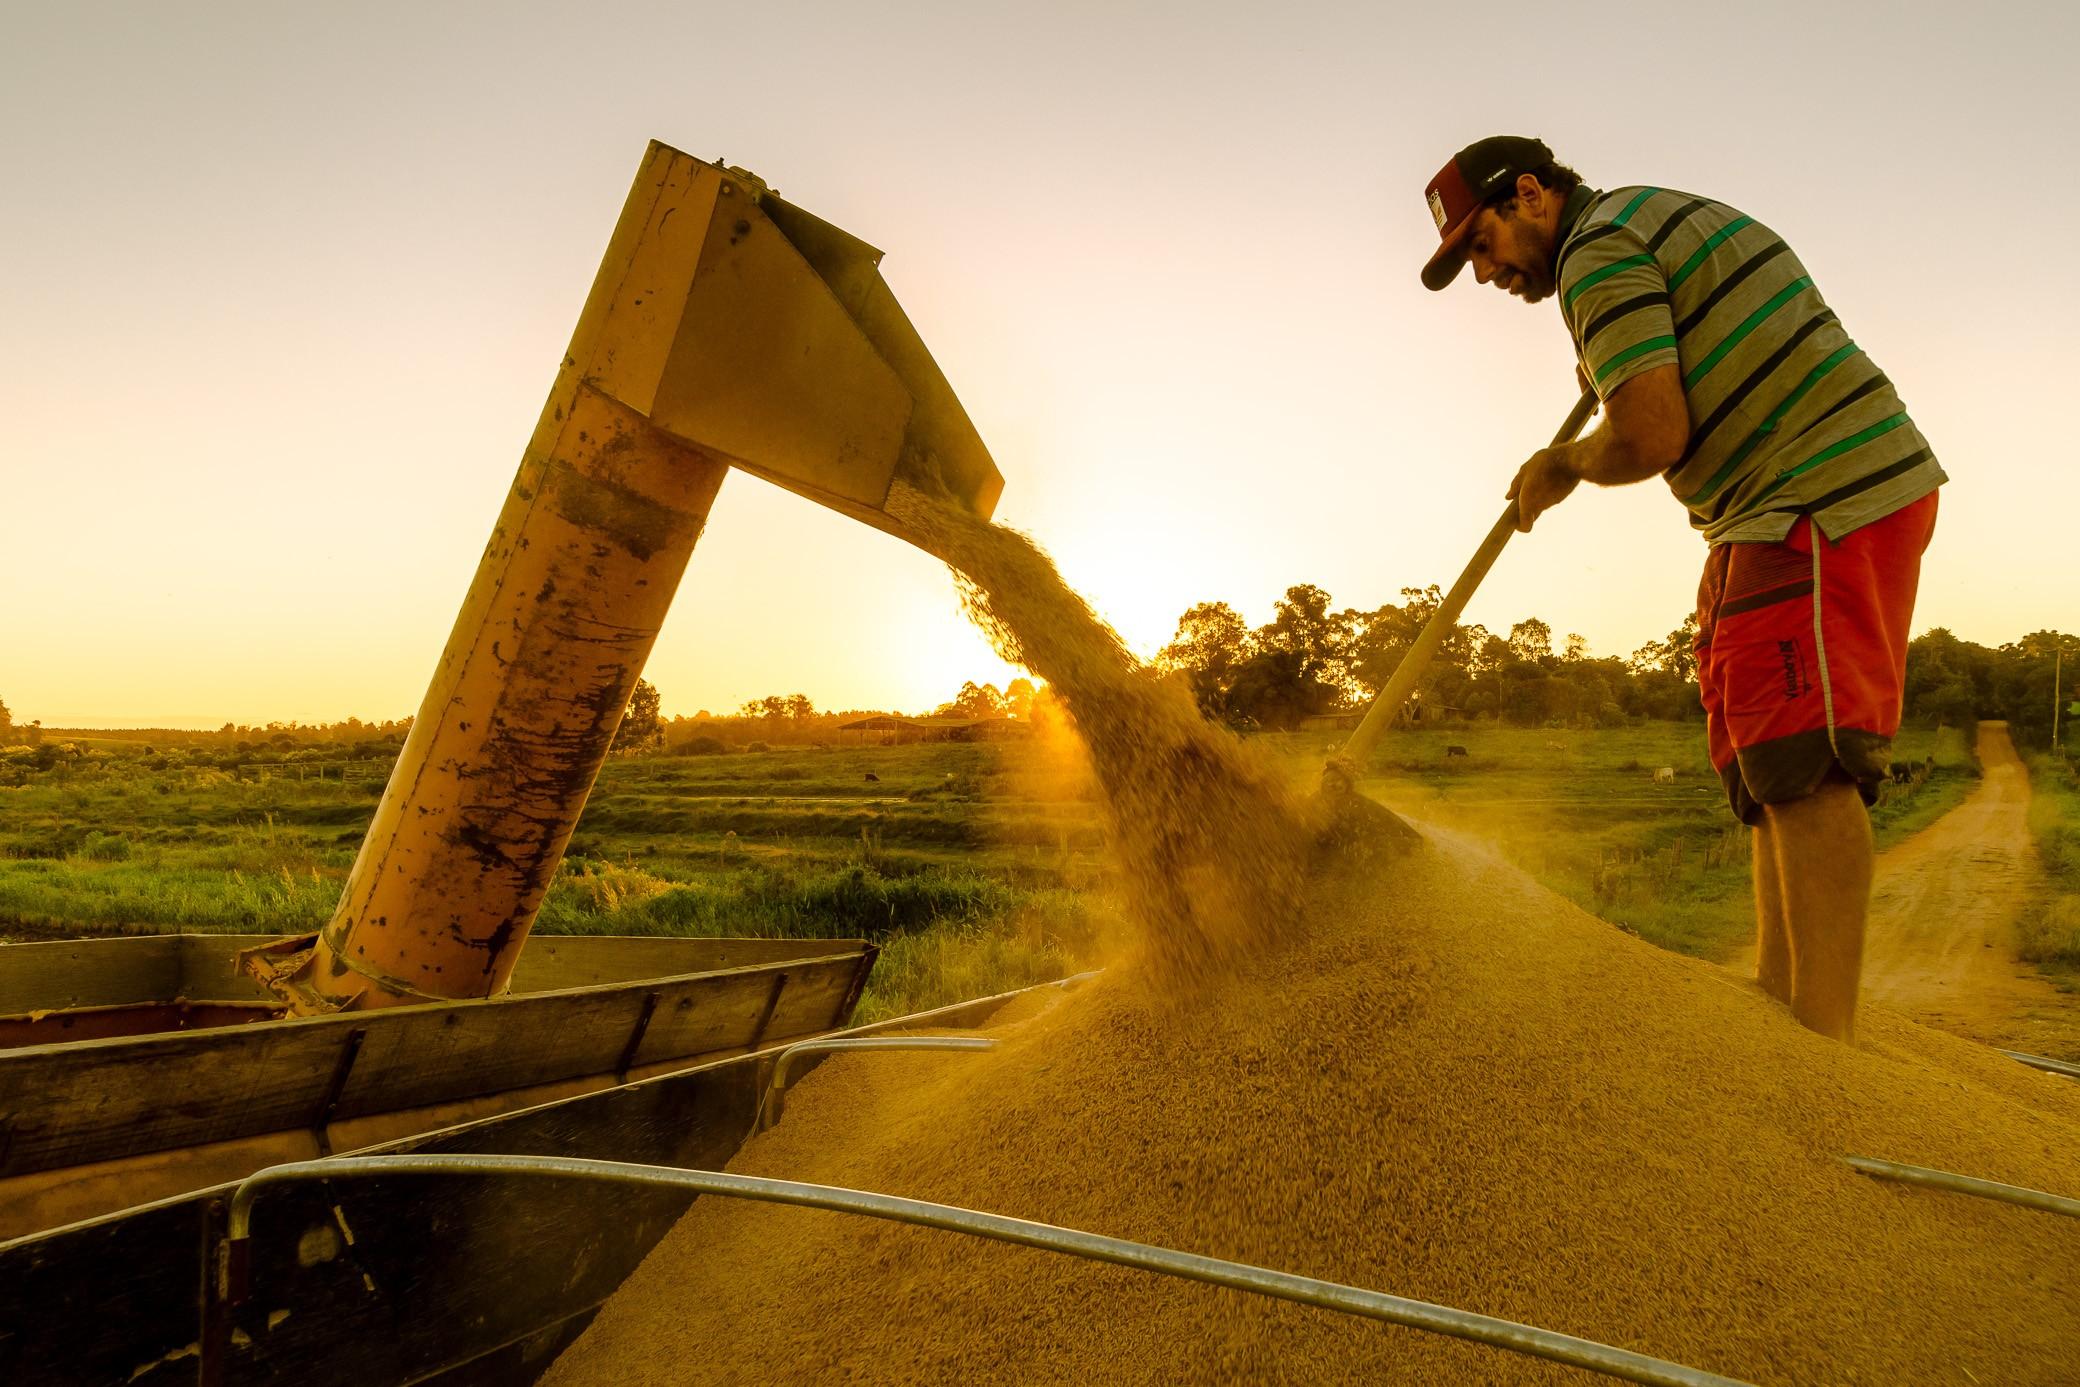 MST inicia captação de R$ 17,5 milhões no mercado financeiro para produção da agricultura familiar